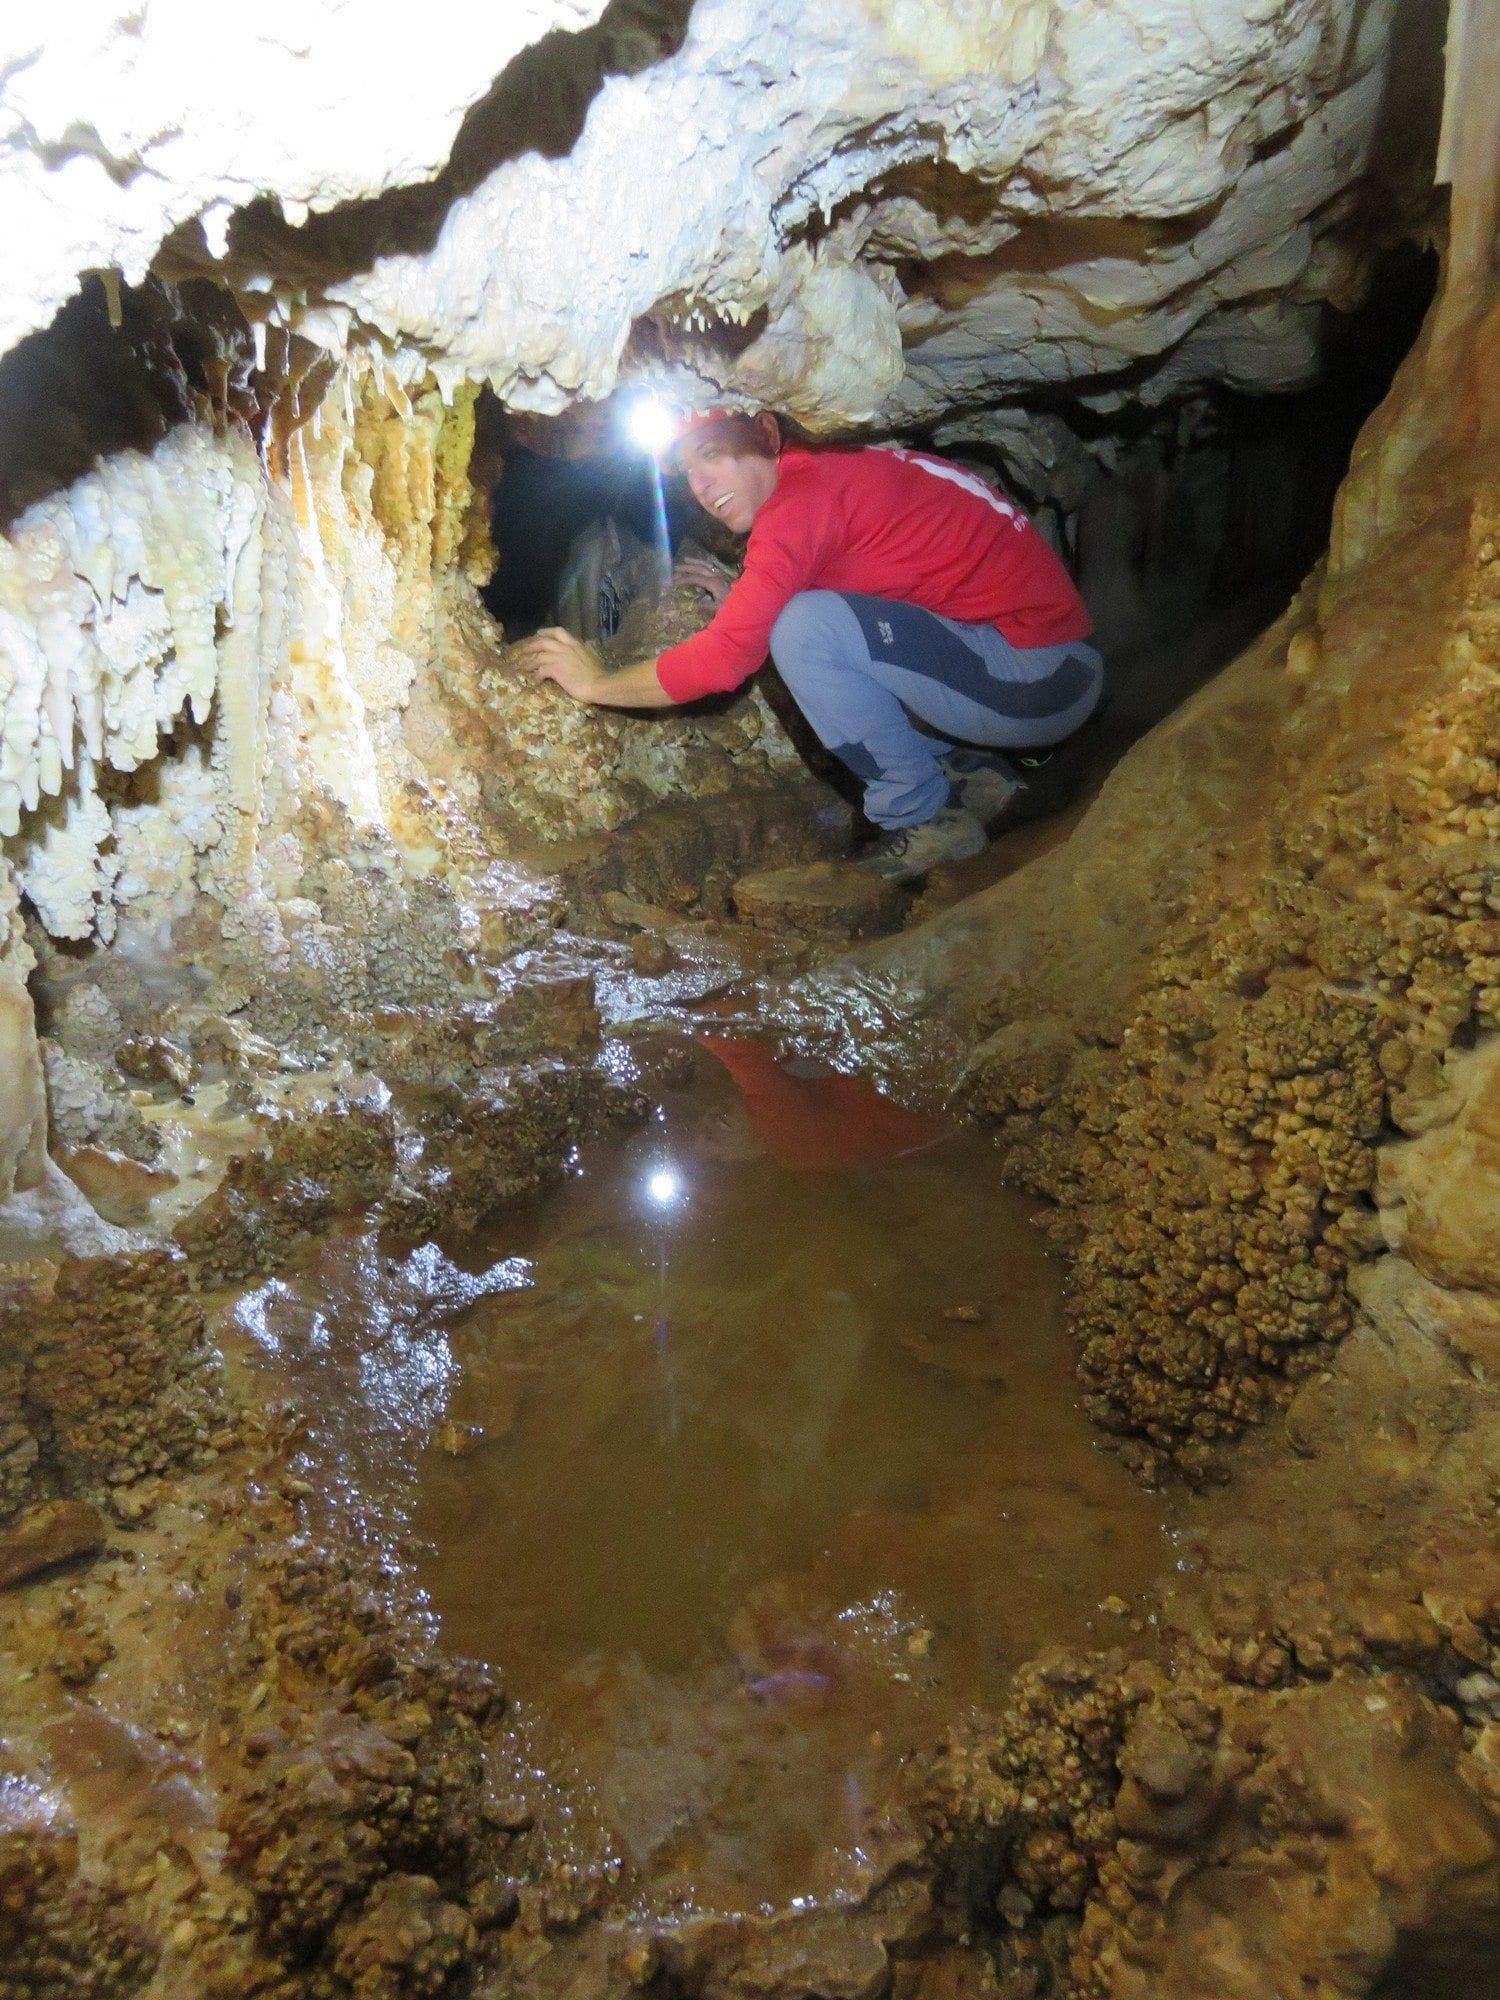 יום סנפלינג כיף במערה עם ערוצים בטבע